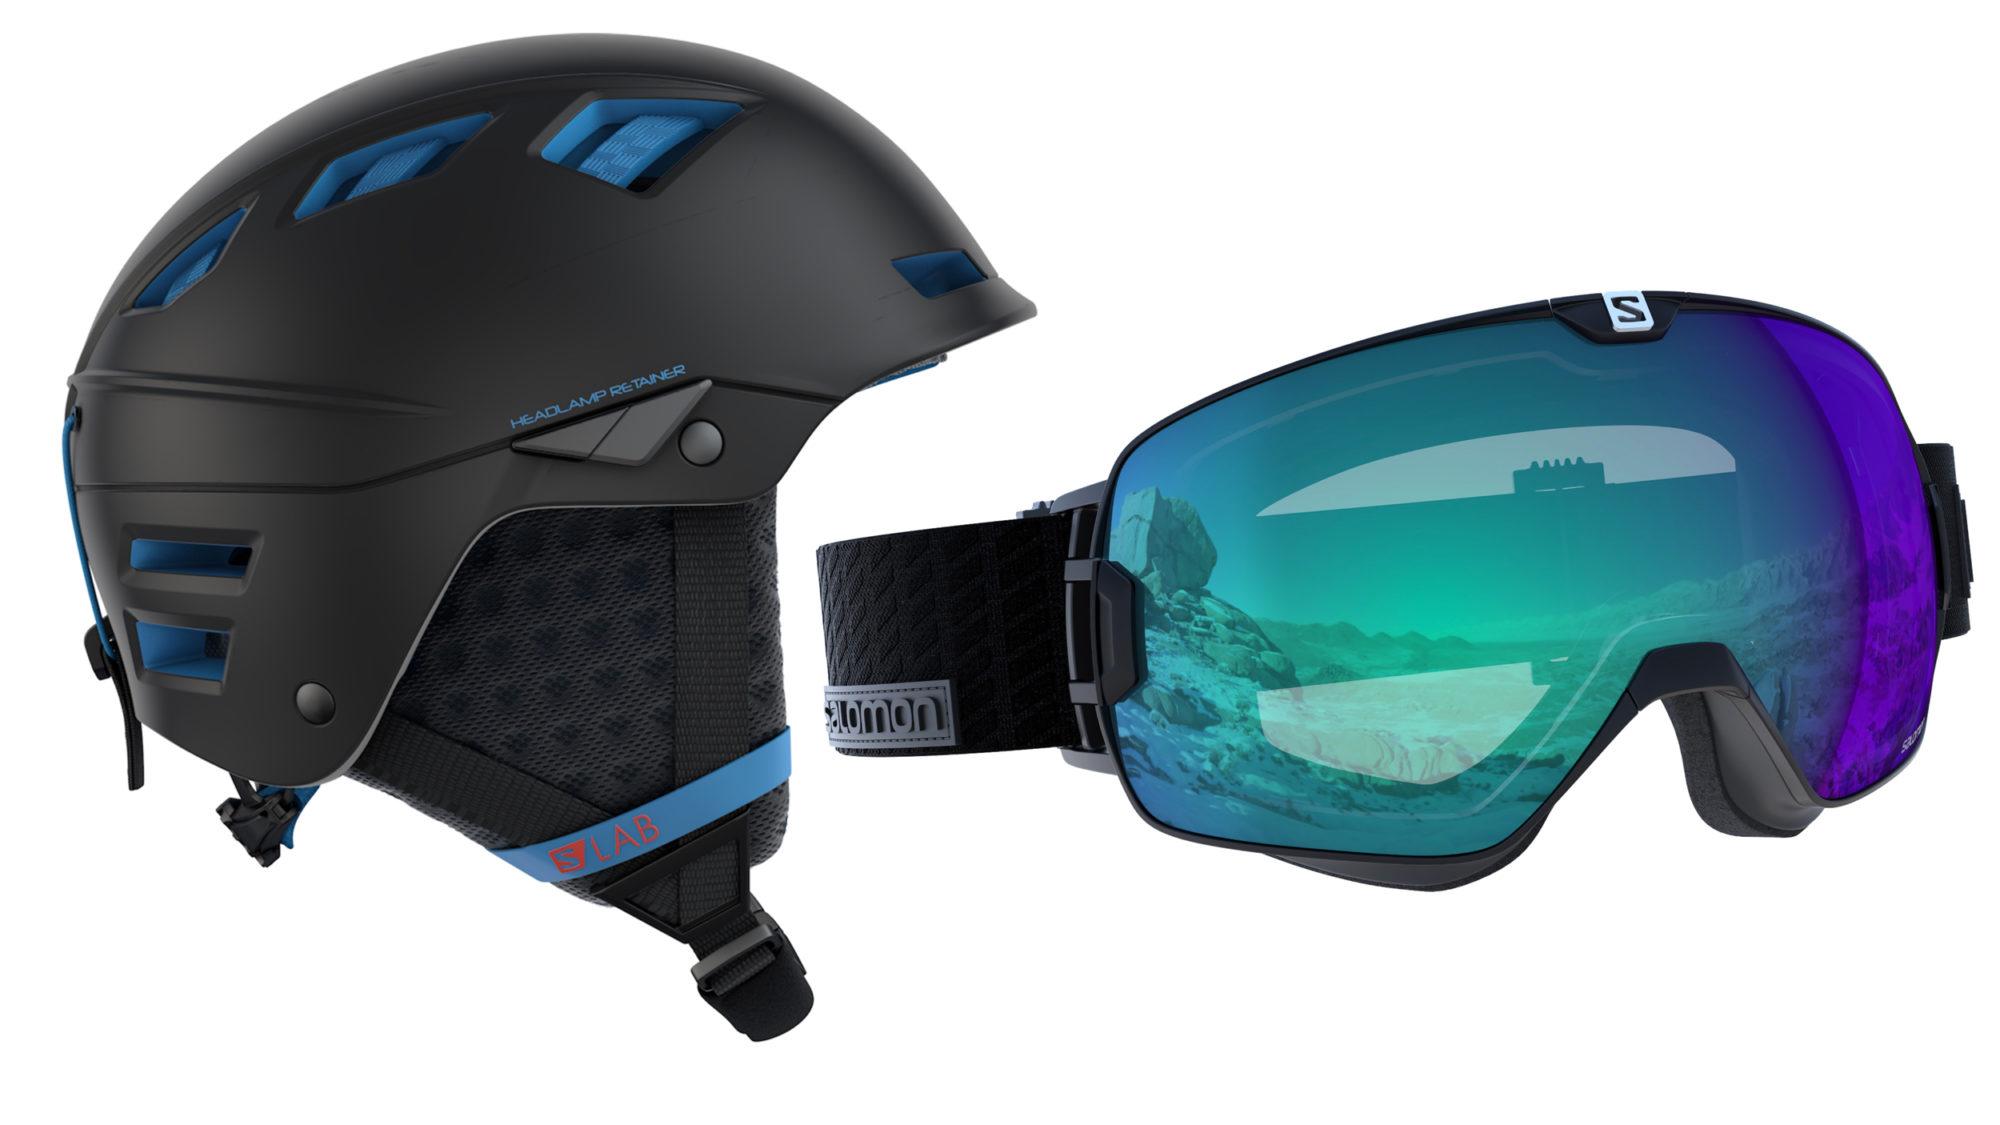 Mtn Lab-hjälm och Xmax-goggles ligger i vinstpotten. Foto  Salomon 4022a99c1d599